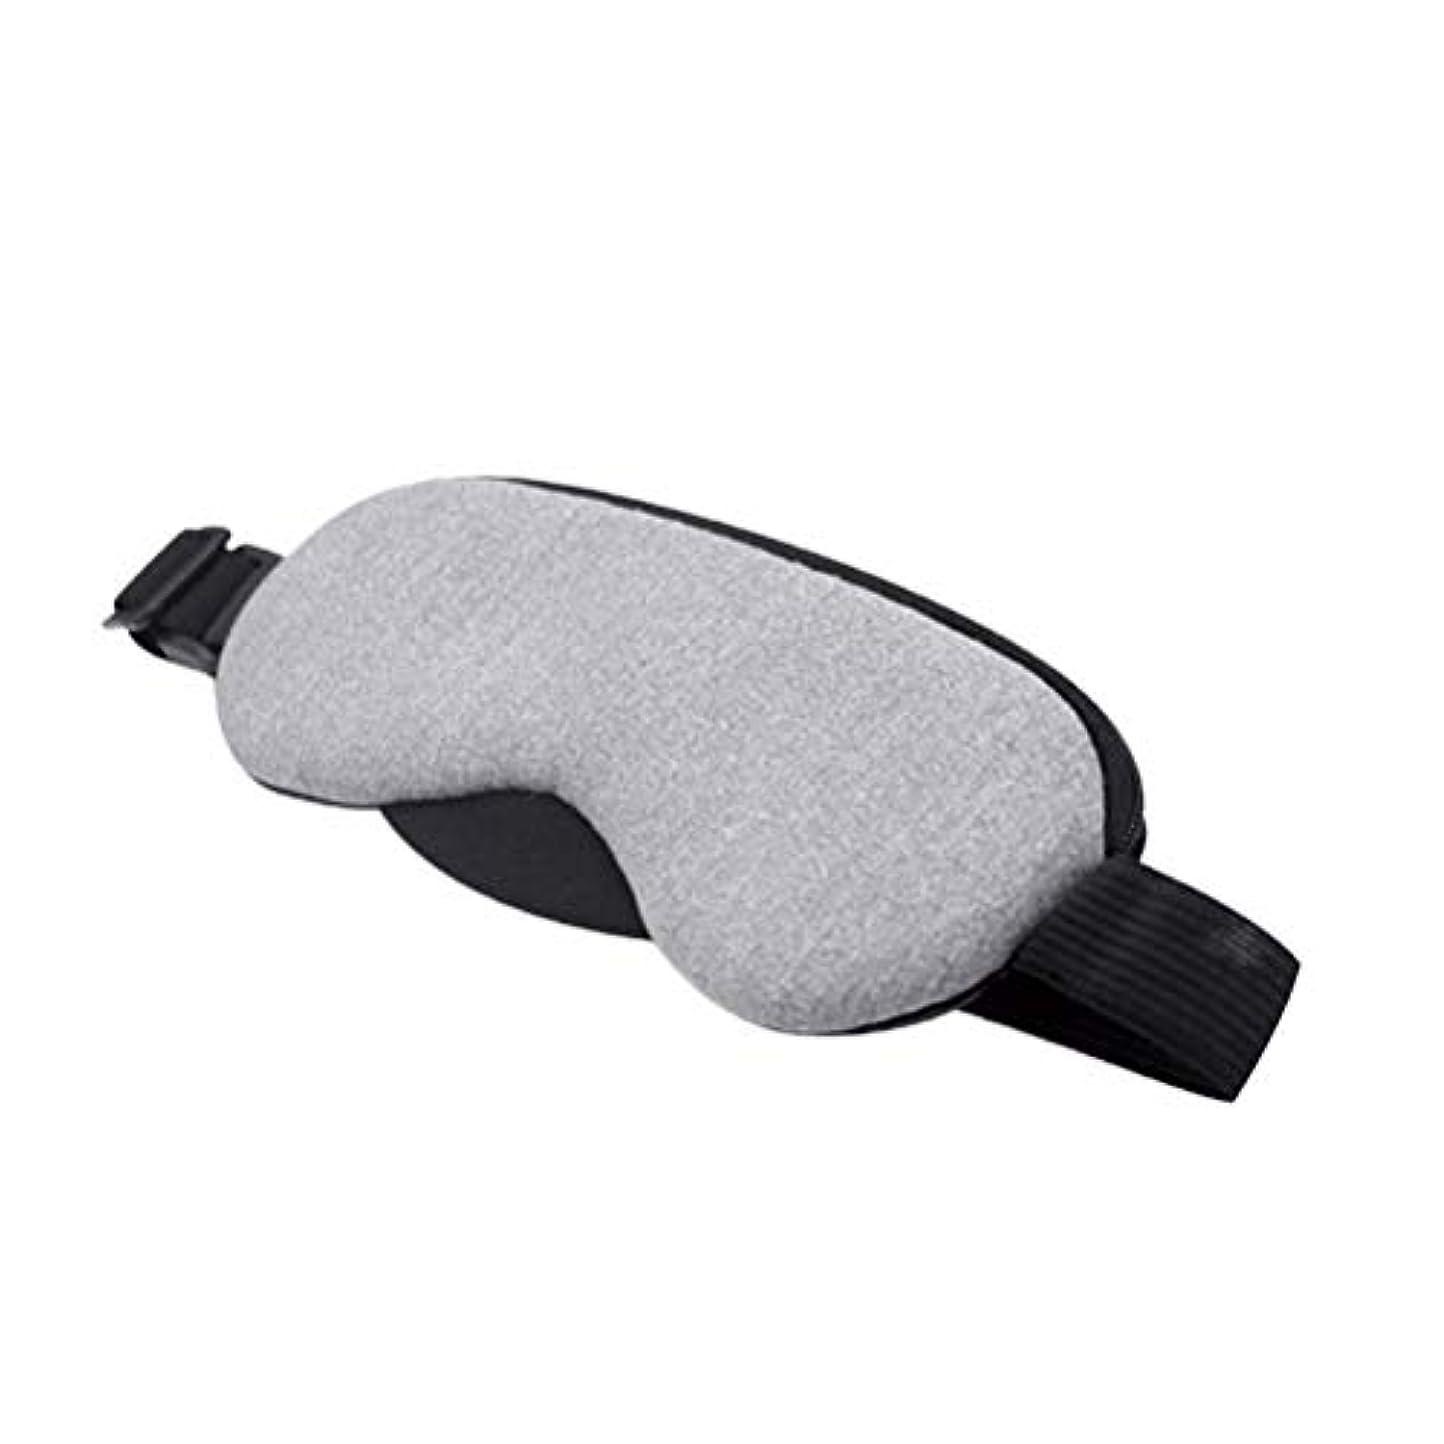 のみウォルターカニンガム有用Healifty アイマスク 蒸気ホットアイマスク USB 加熱式 スリーピングアイマスク 温度とタイミング制御 吹き出物/乾燥/疲れた目(灰色)